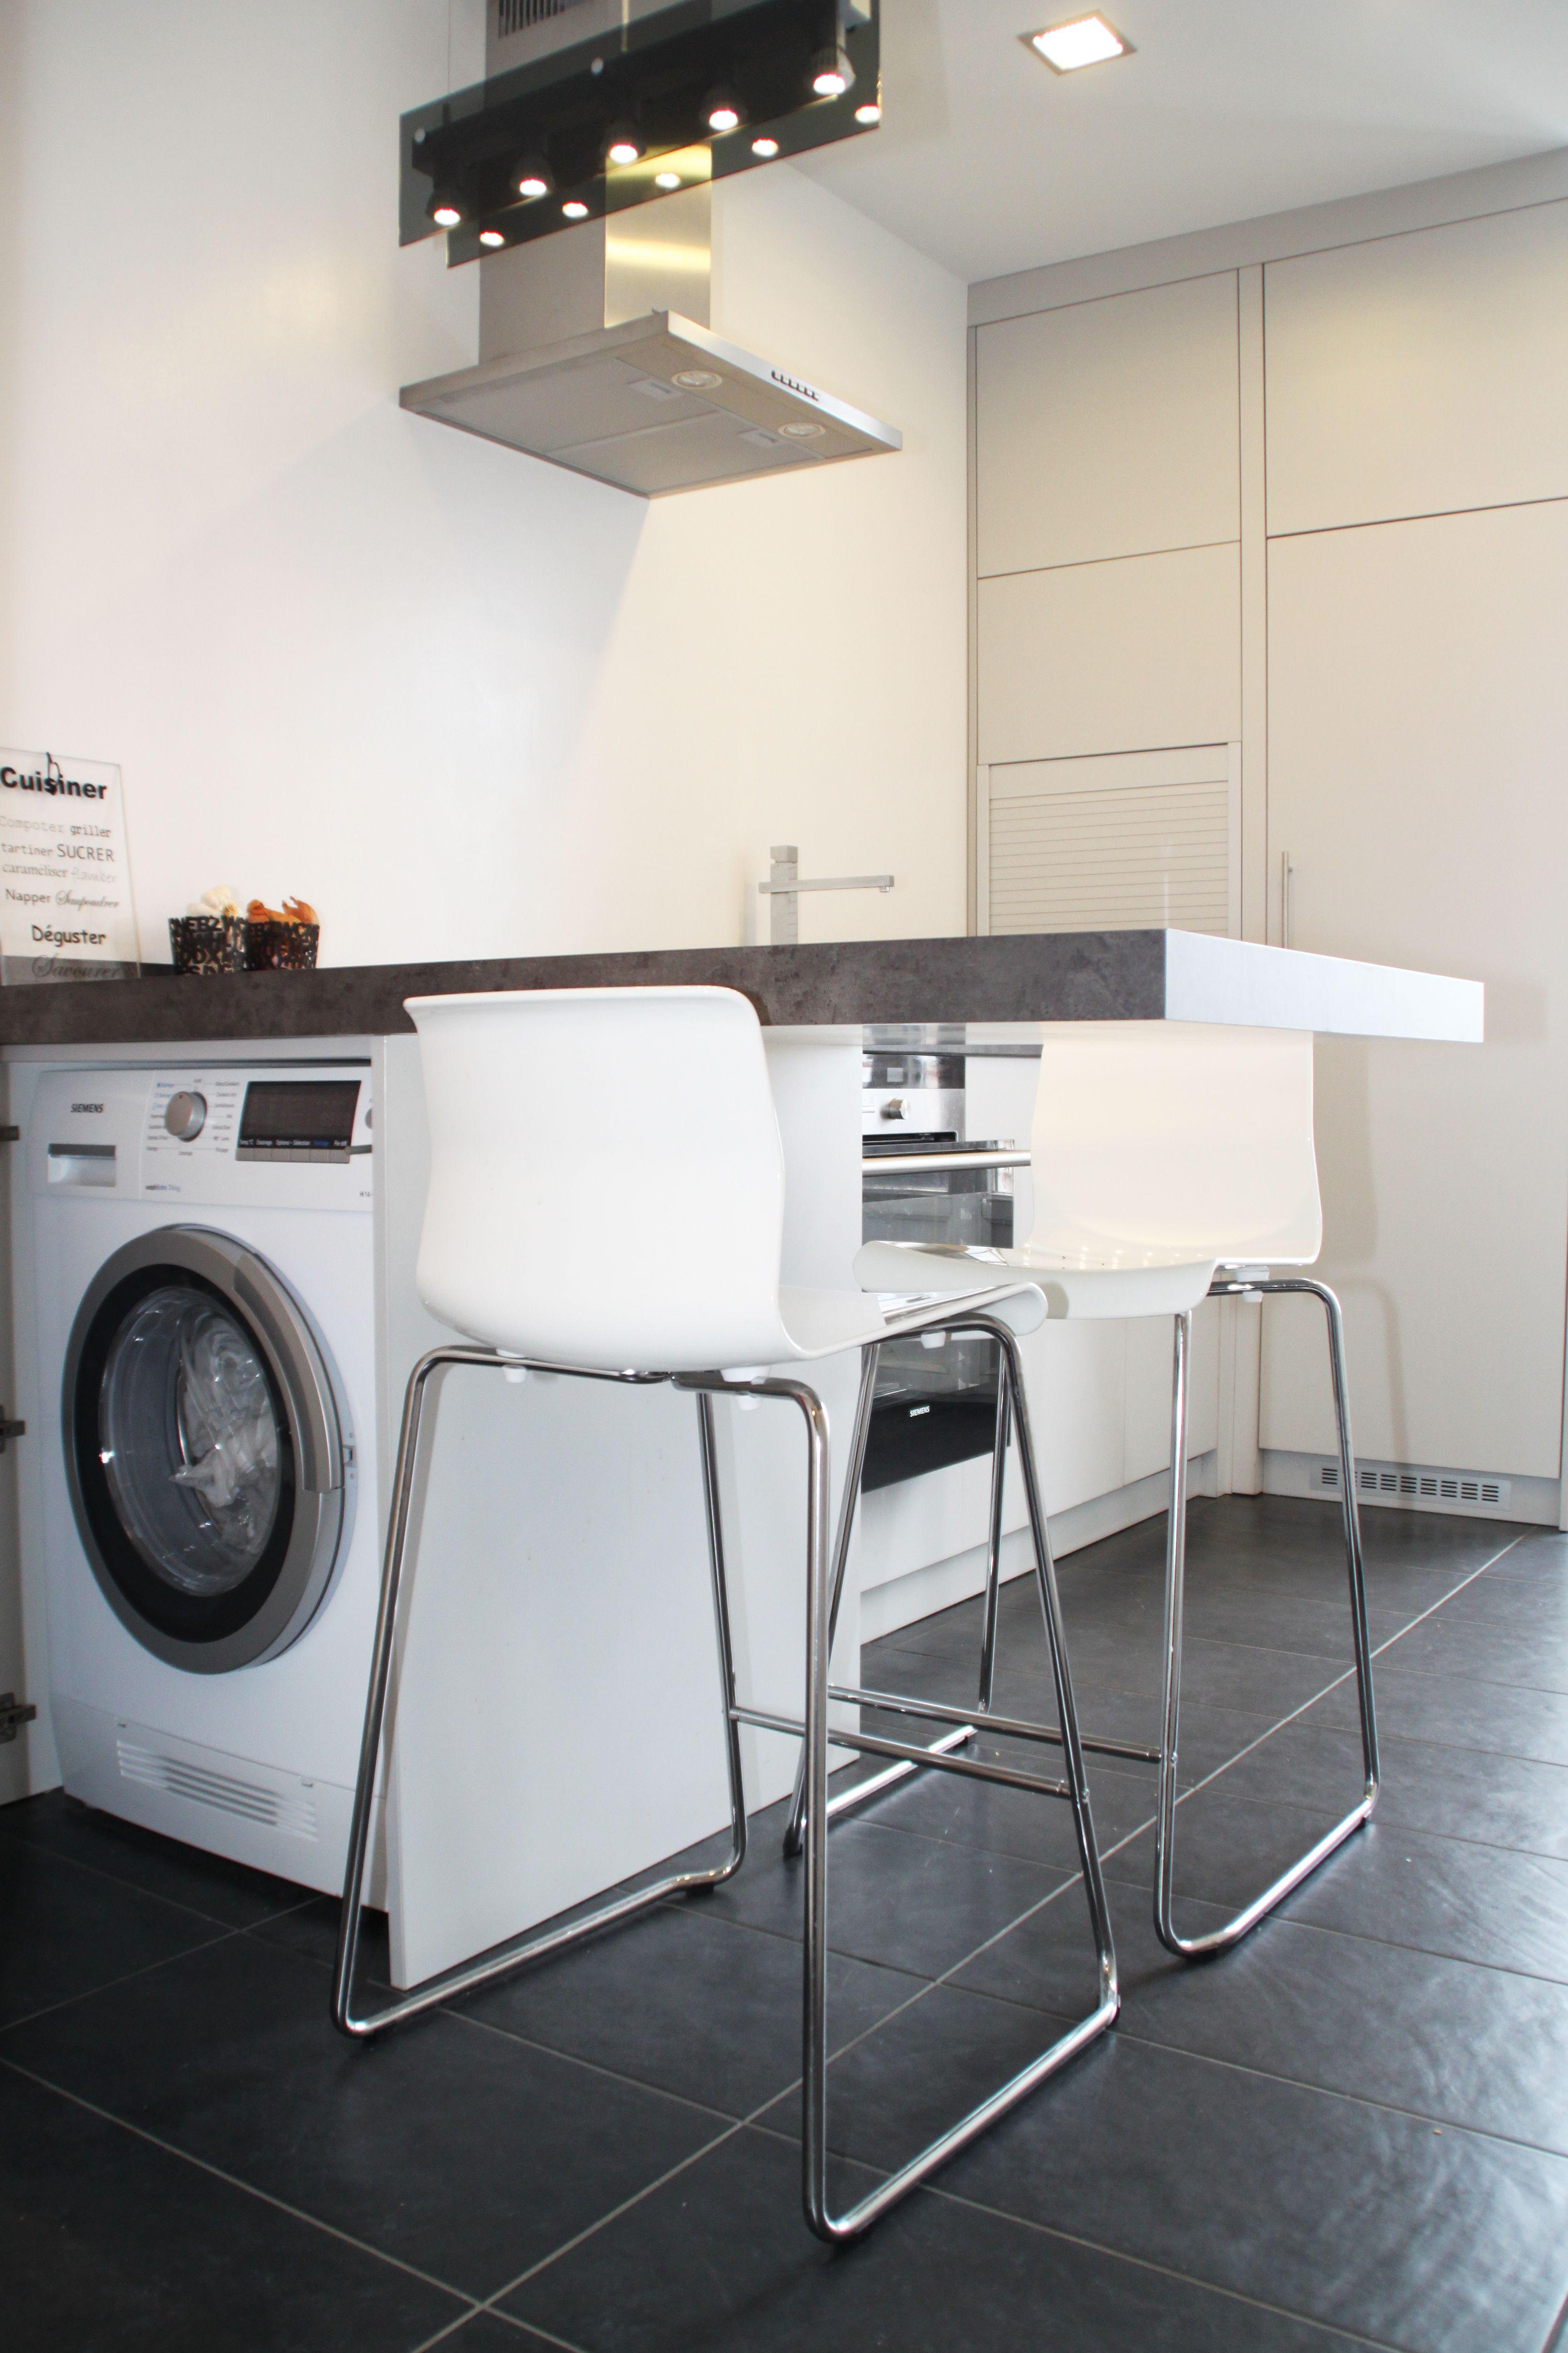 cuisine blanche sans poign e avec ouverture par push lash plan de travail gris effet b ton. Black Bedroom Furniture Sets. Home Design Ideas